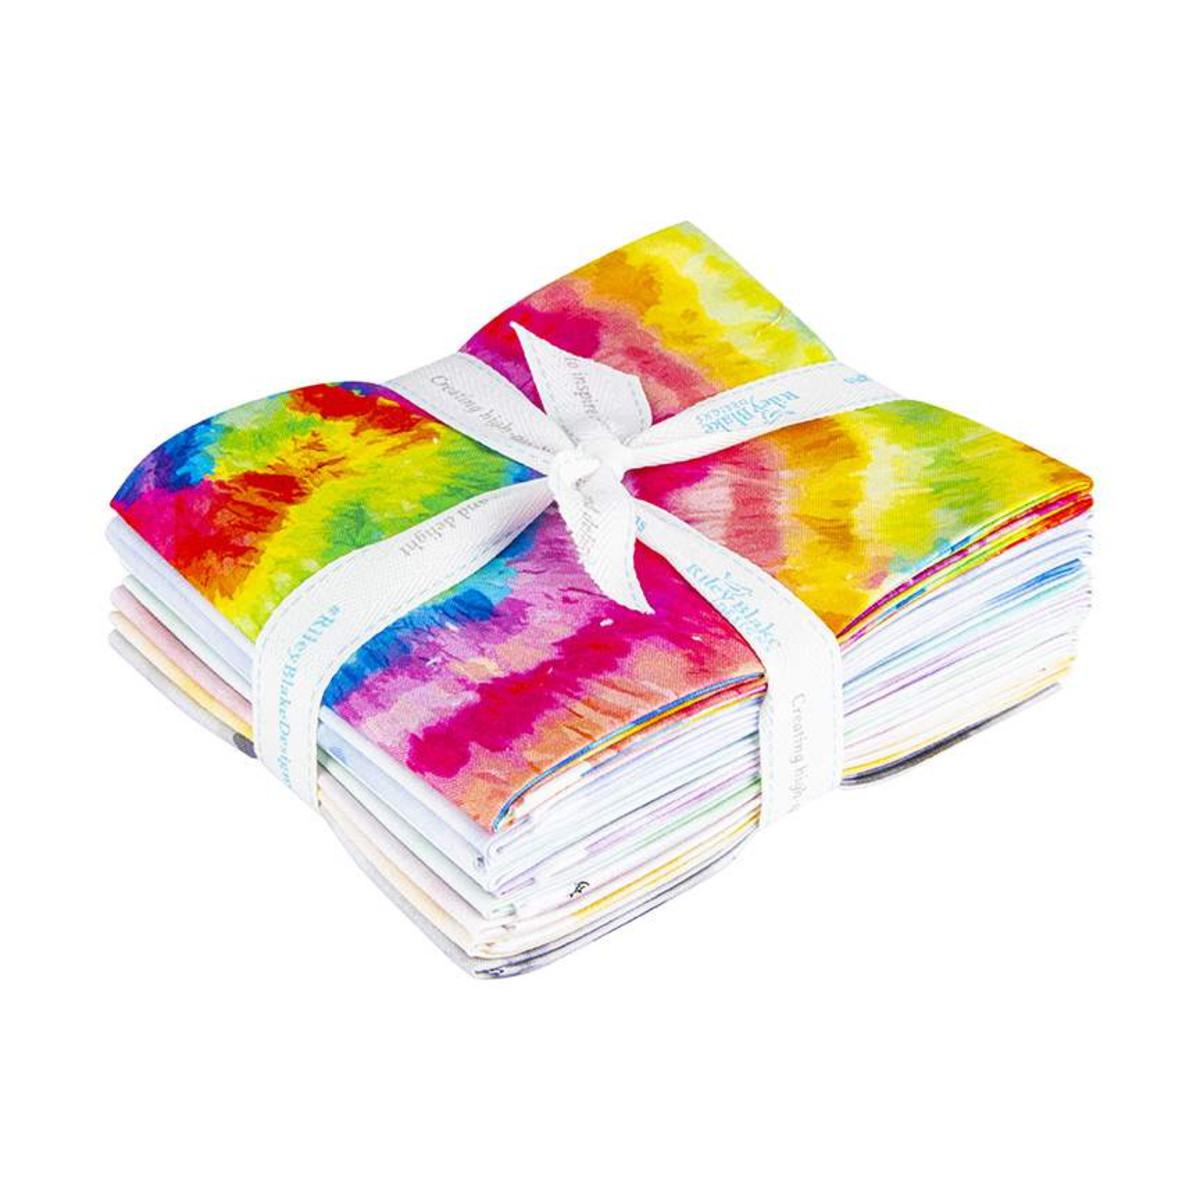 Riley Blake Fat Quarter Bundle - Tie Dye by The RBD Designers